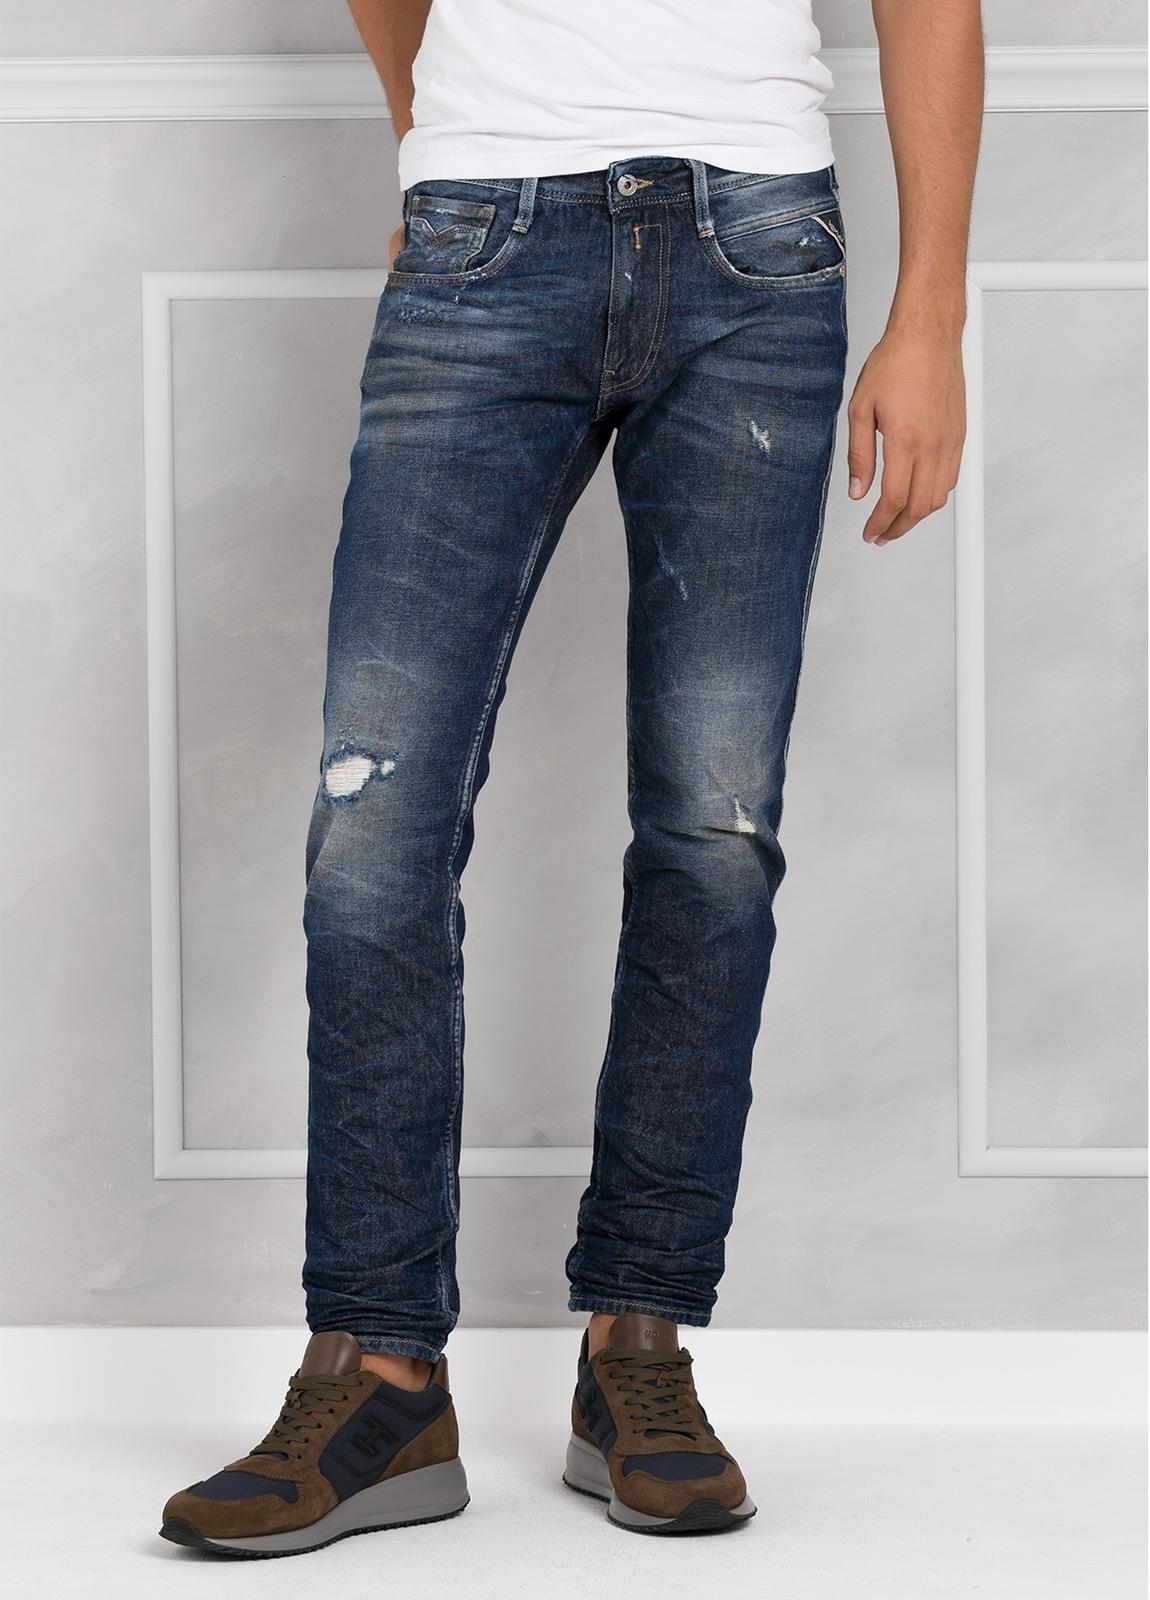 Pantalón tejano 13 oz SLIM M914 AMBAS color azul medio lavado. 99% Algodón 1% Elastán.